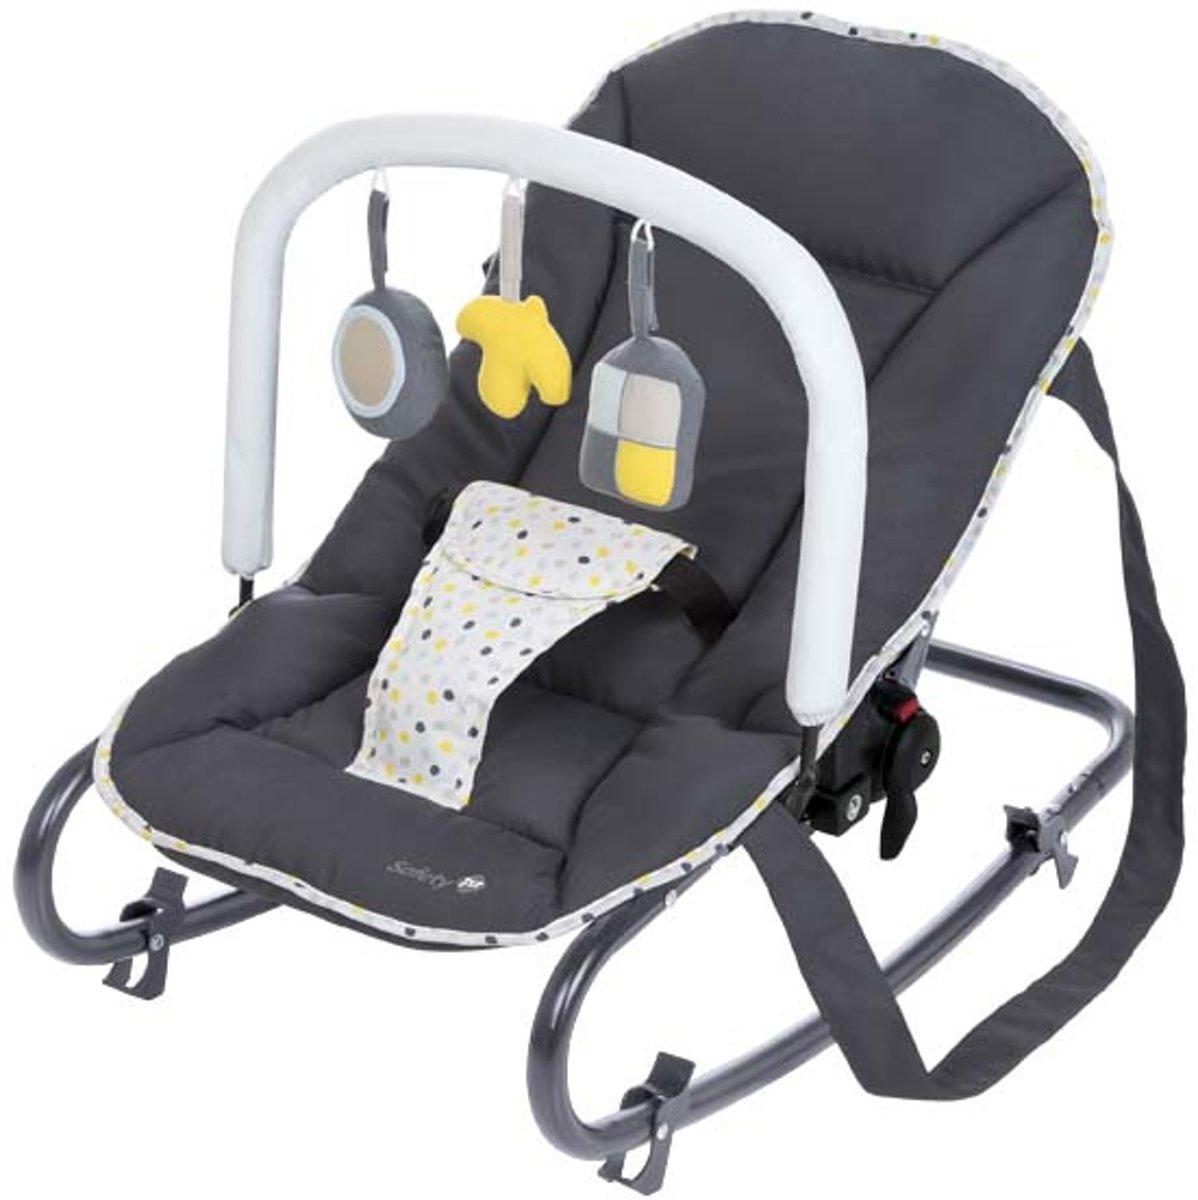 Elektrische Wipstoel Baby.Bol Com Wipstoeltje Kopen Alle Wipstoeltjes Online